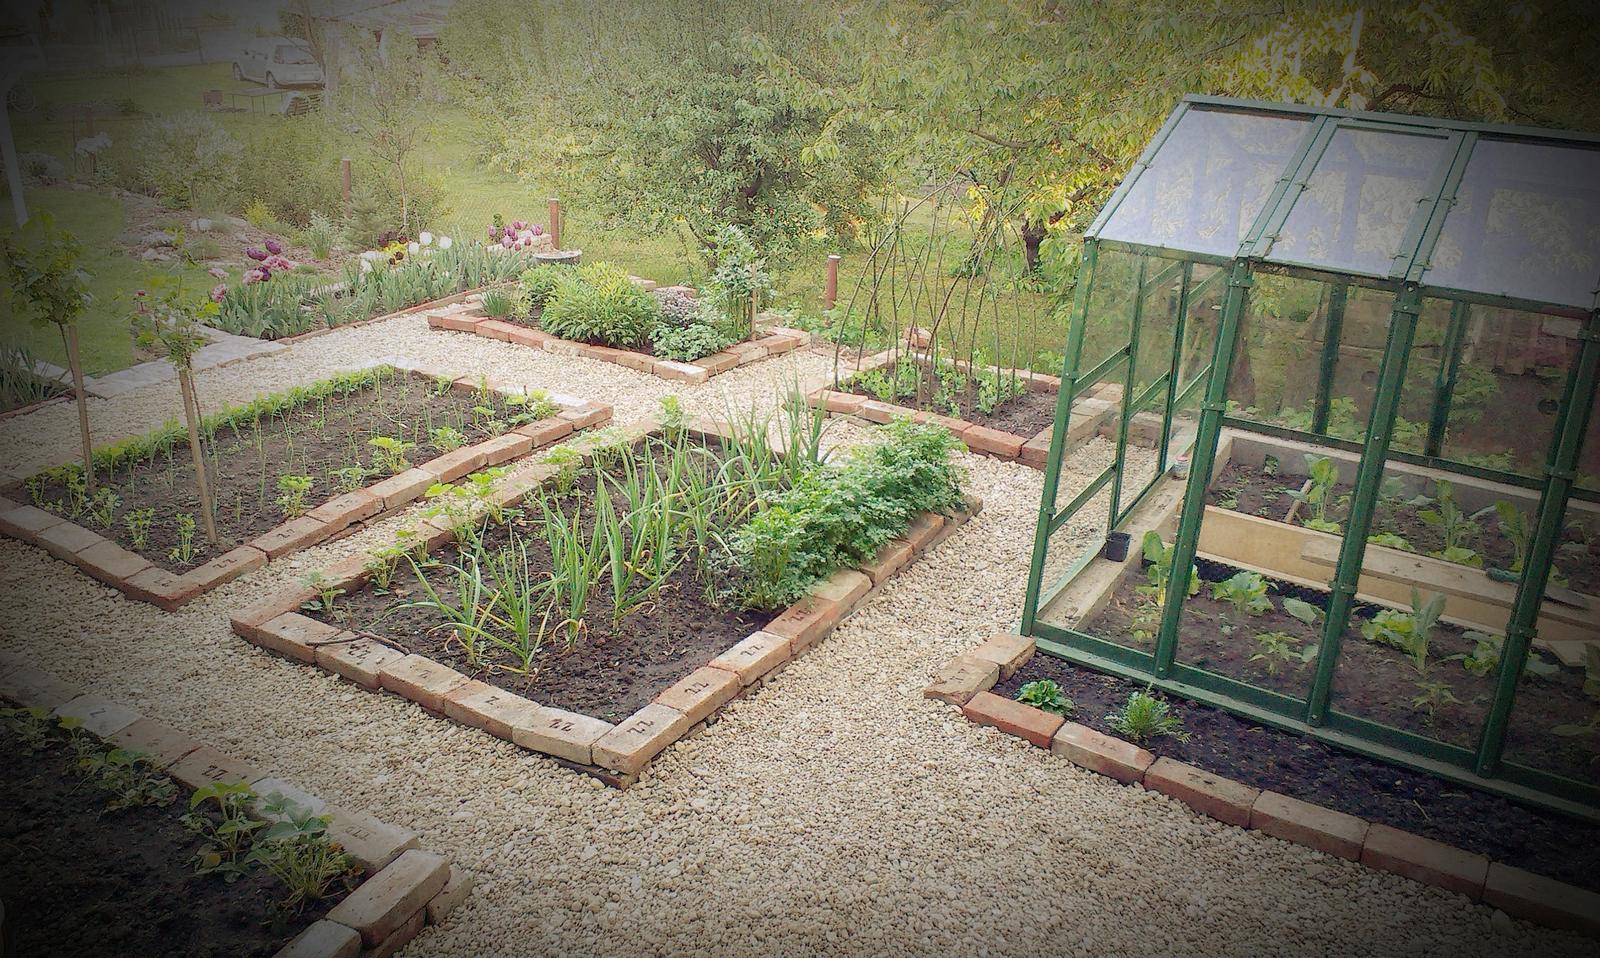 Záhrada - Obrázek č. 106